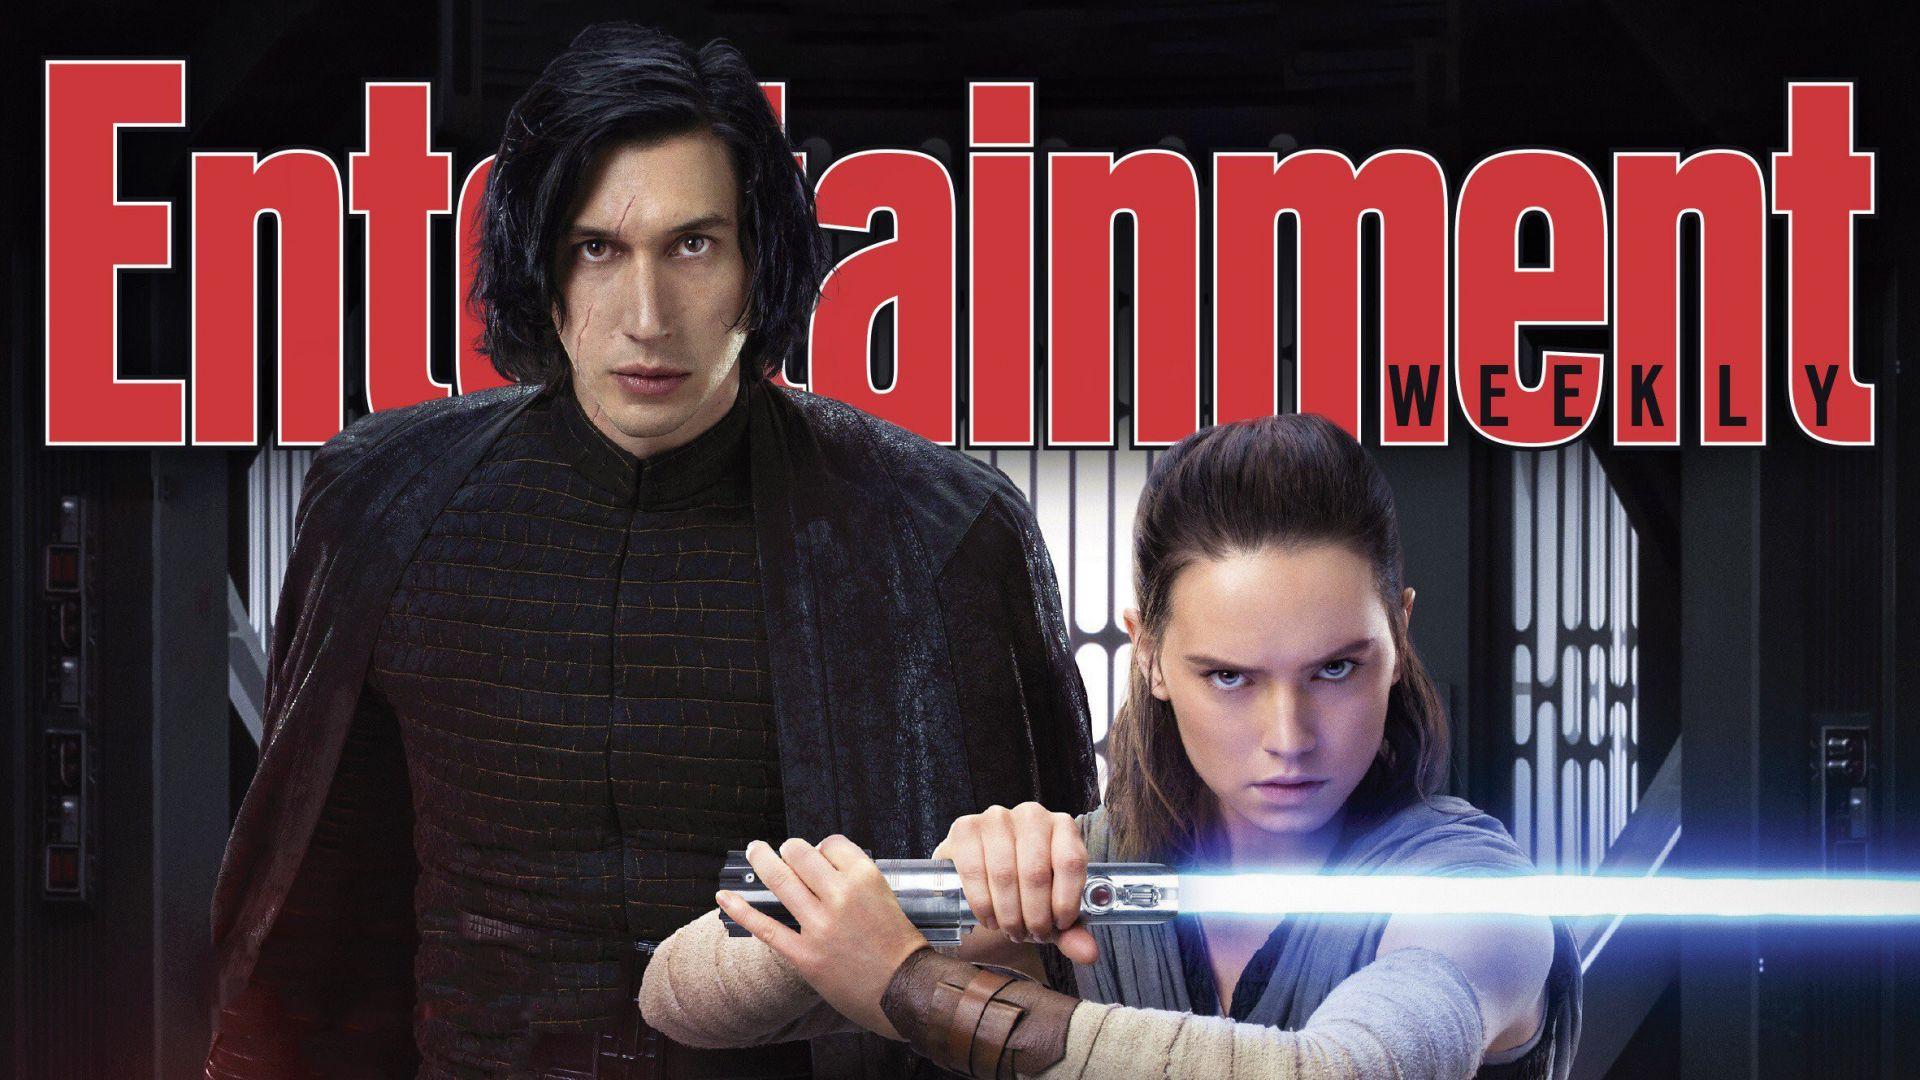 Rey, kylo ren, star wars: the last jedi, entertainment weekly, magazine Wallpaper